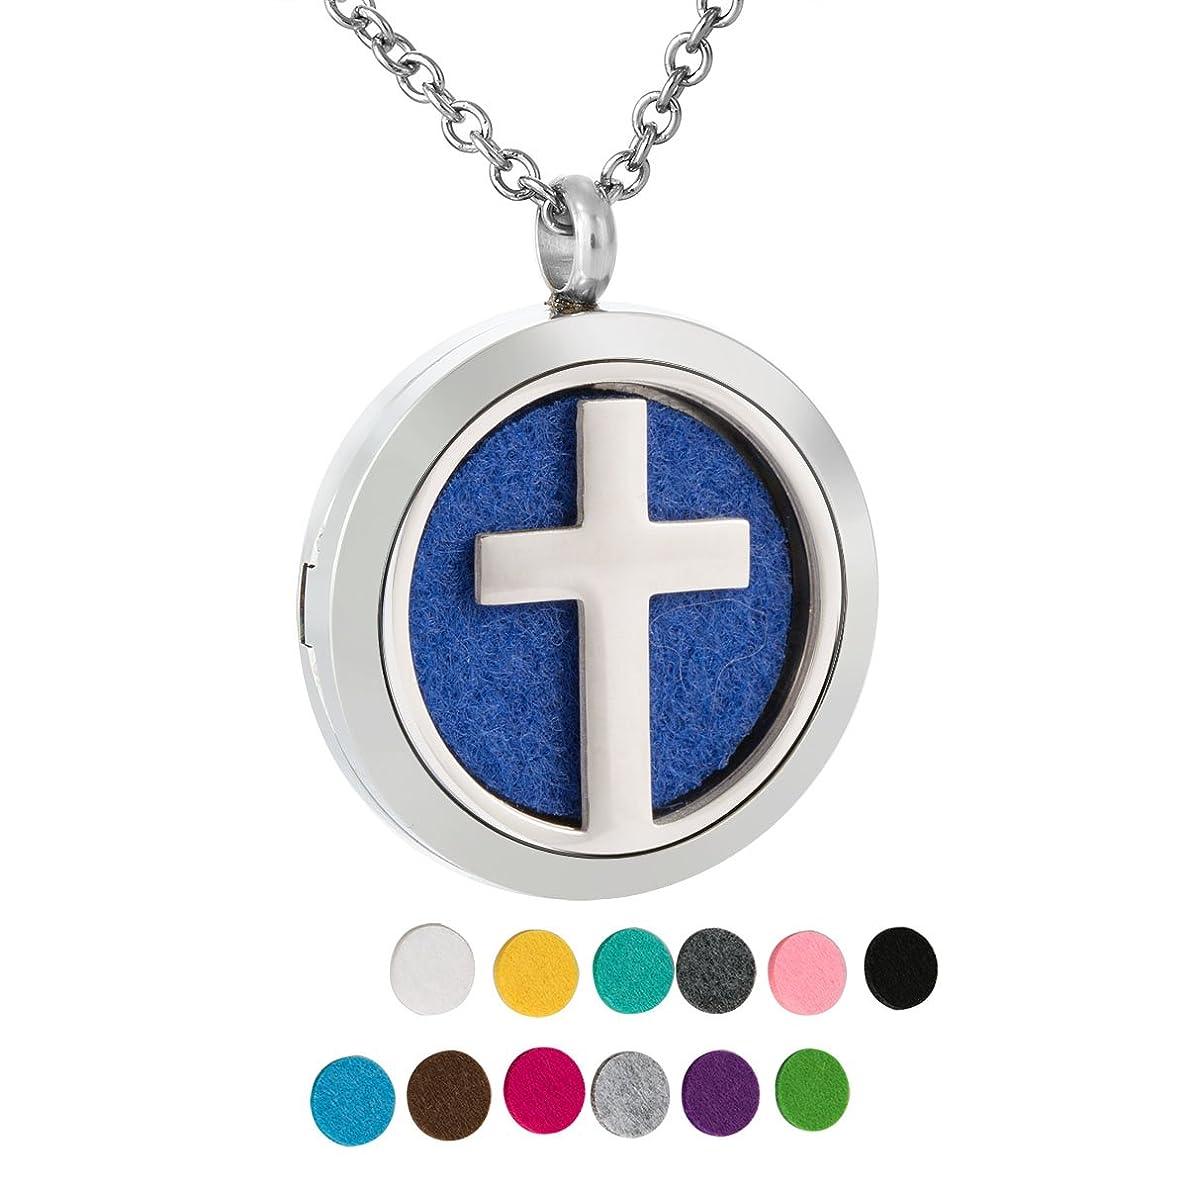 傾向がある半島シャープZARABE Aromatherapy Essential Oil Diffuser necklace-hollowクロスロケットペンダント、12pcカラフルRefill Pads